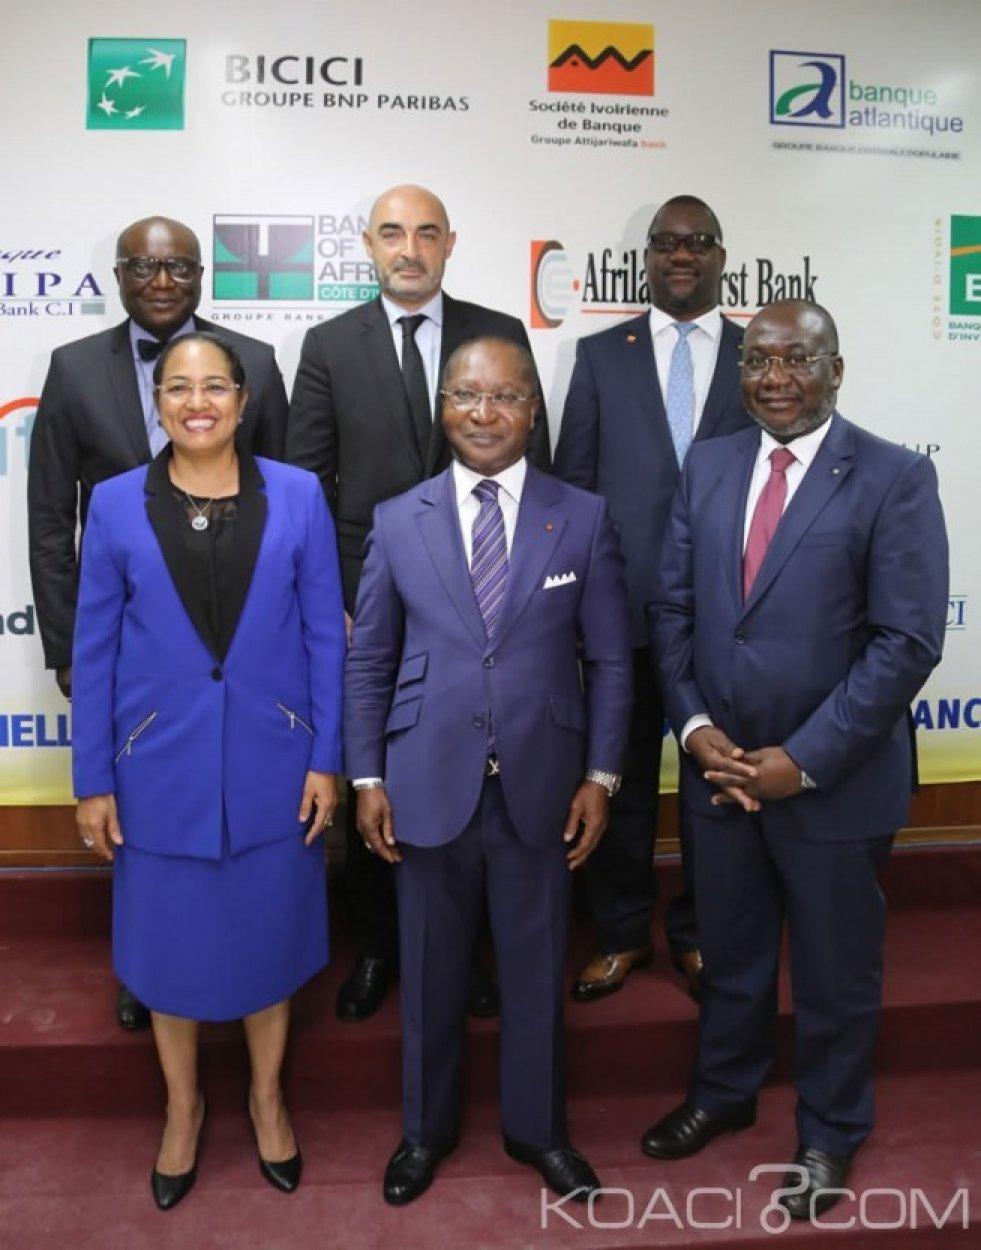 Côte d'Ivoire : Les professionnels des  banques révèlent  avoir octroyé un  crédit de 7 056 milliards en  2018, pour financer l'économie nationale